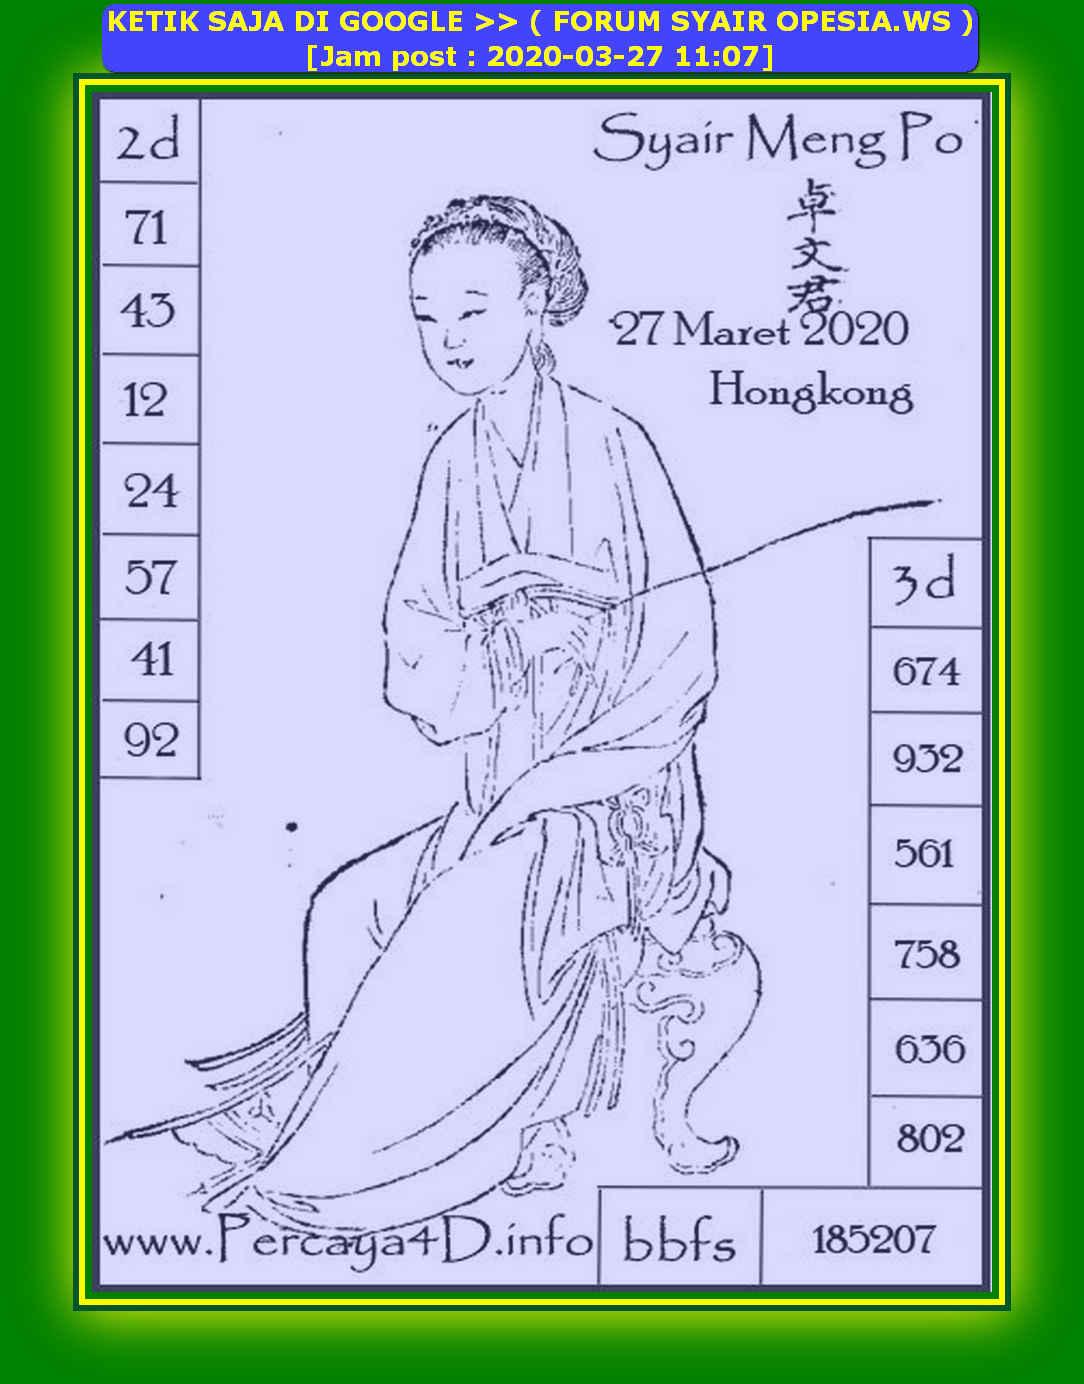 Kode syair Hongkong Jumat 27 Maret 2020 166